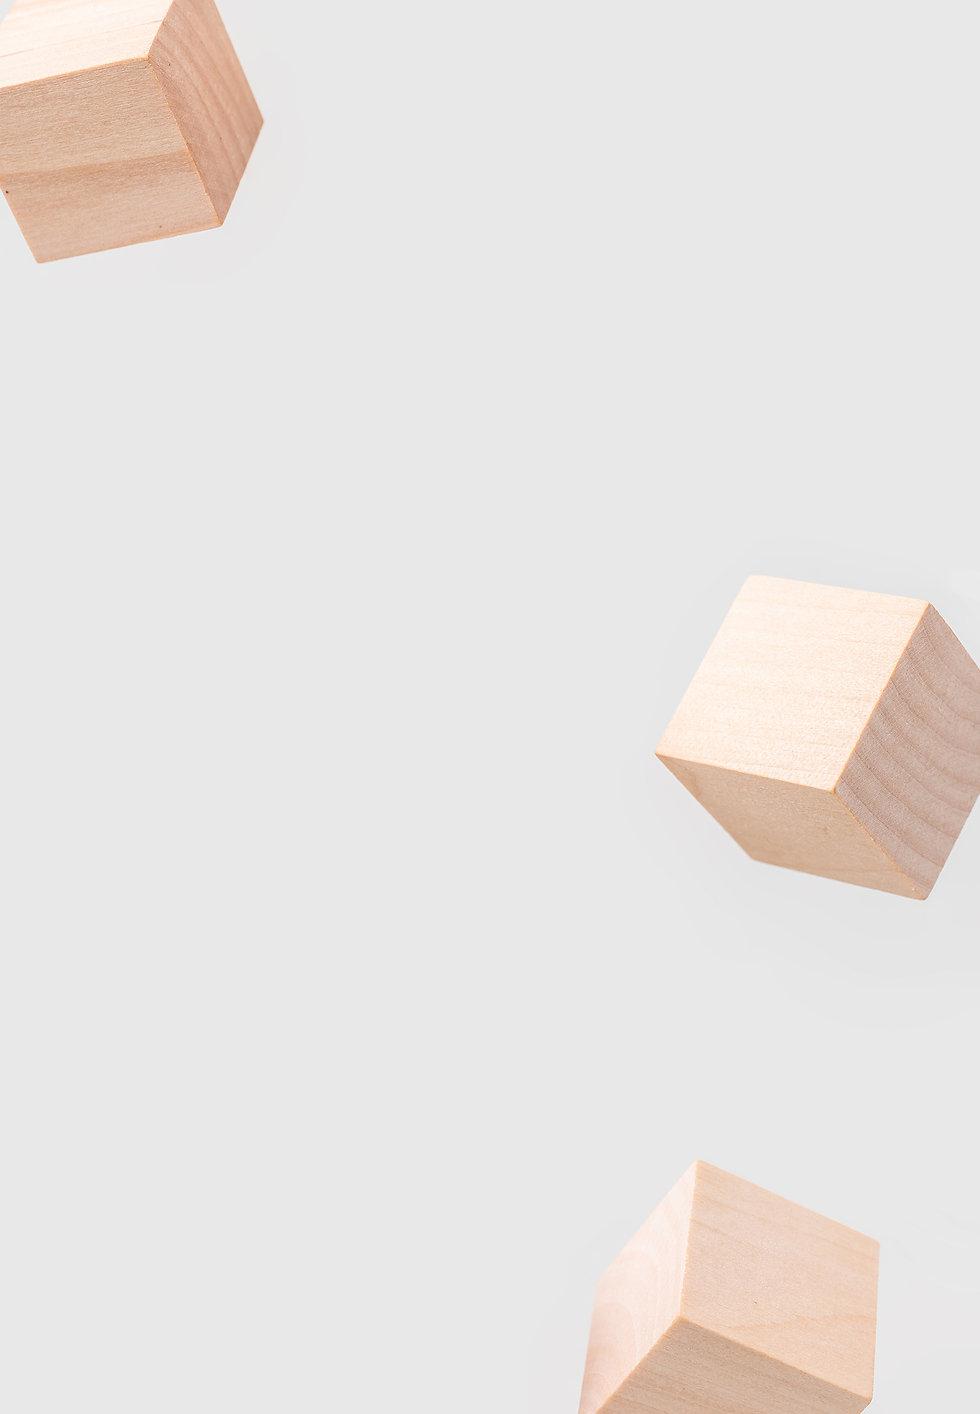 WellLife_Blocks_V3.jpg